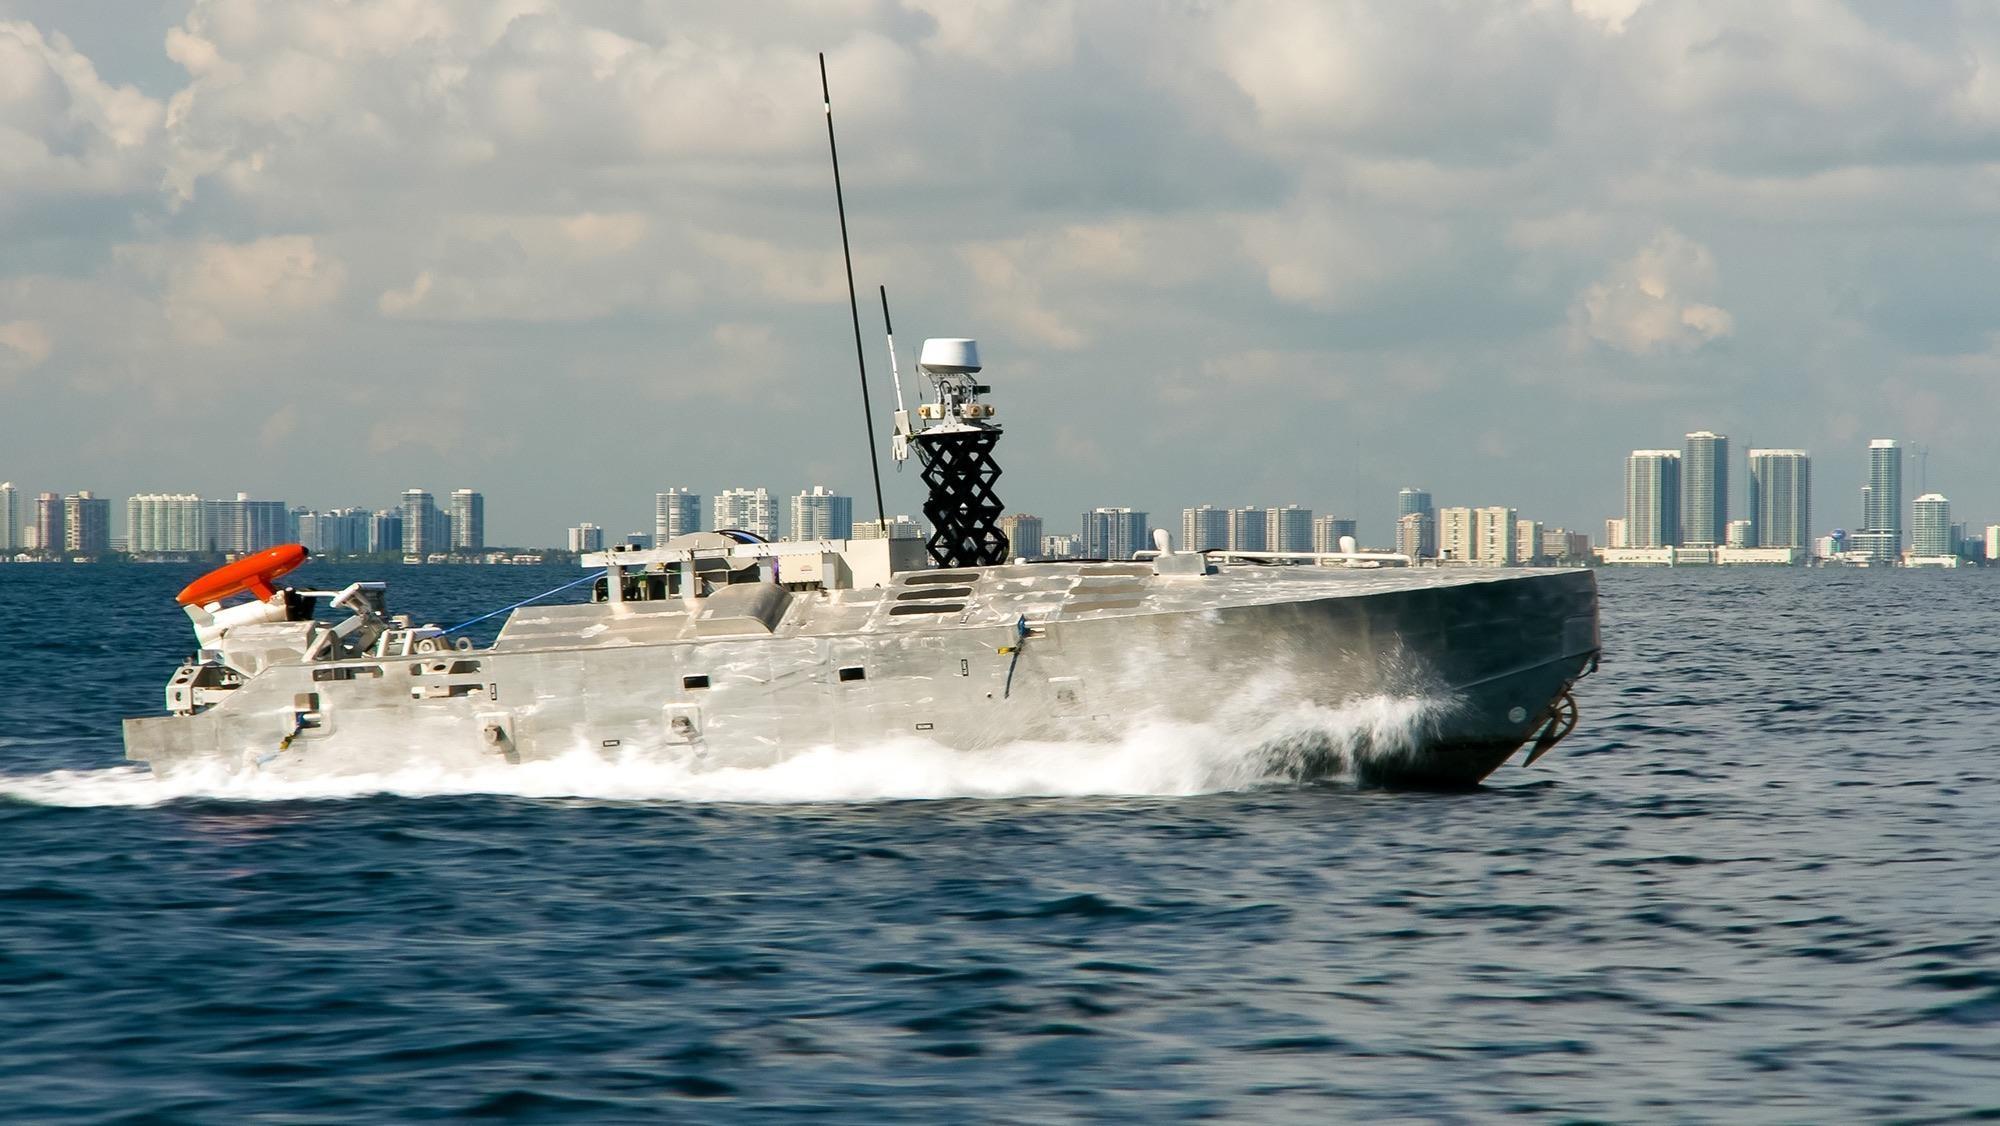 Hải quân Mỹ lên kế hoạch sản xuất hạm đội 355 tàu quân sự - Ảnh 2.